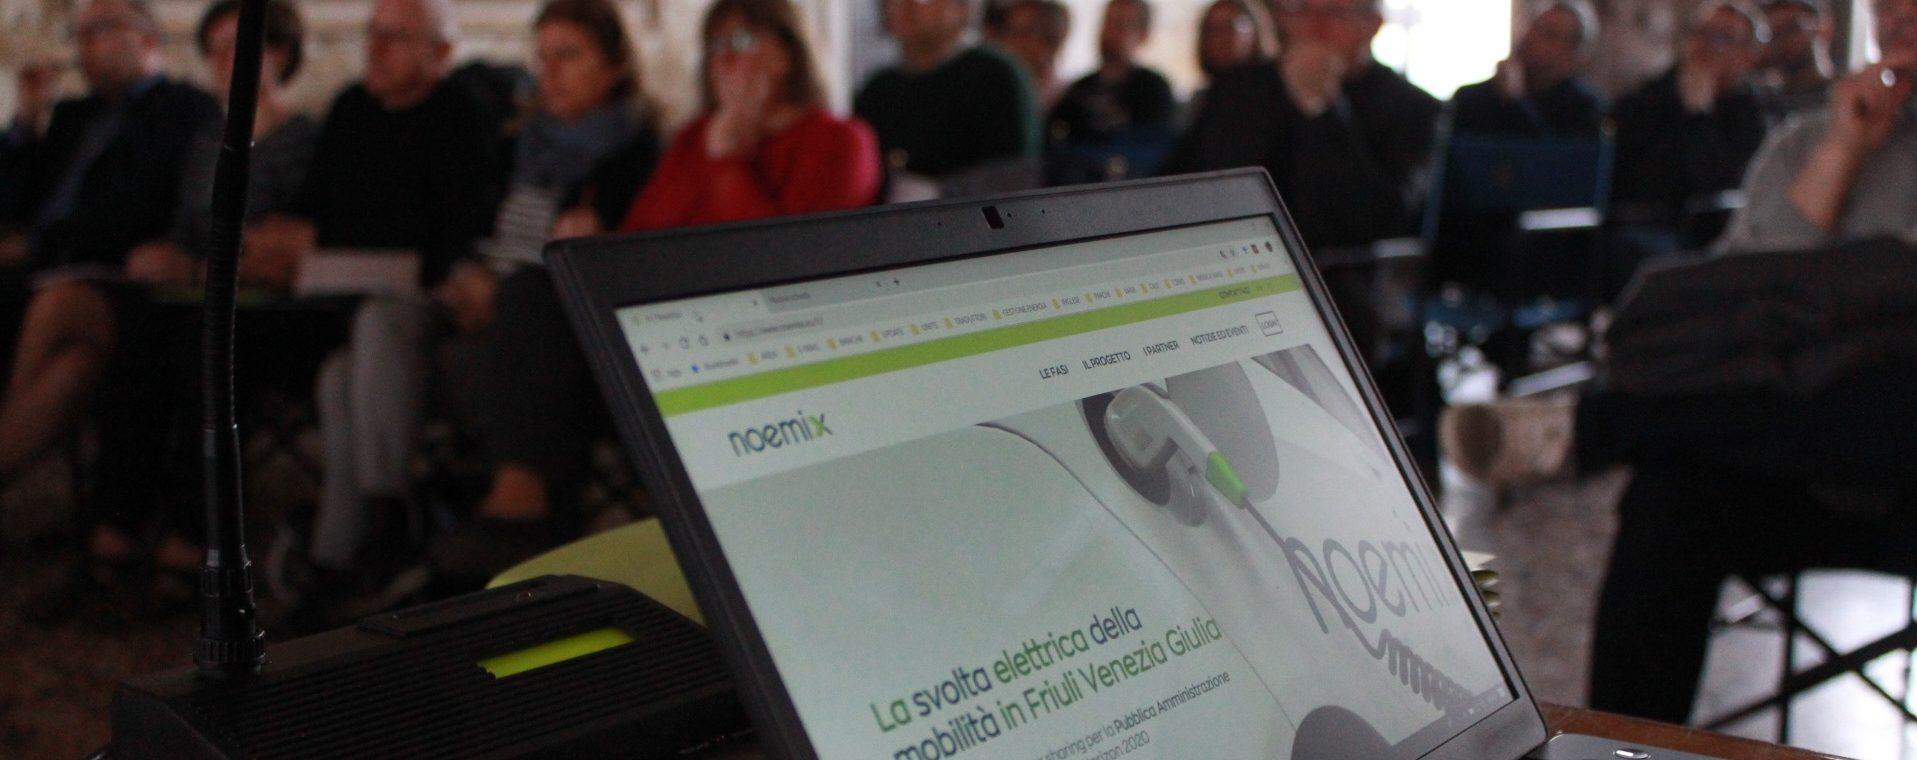 Flotte smart per le Pubbliche Amministrazioni: Noemix incontra il mercato